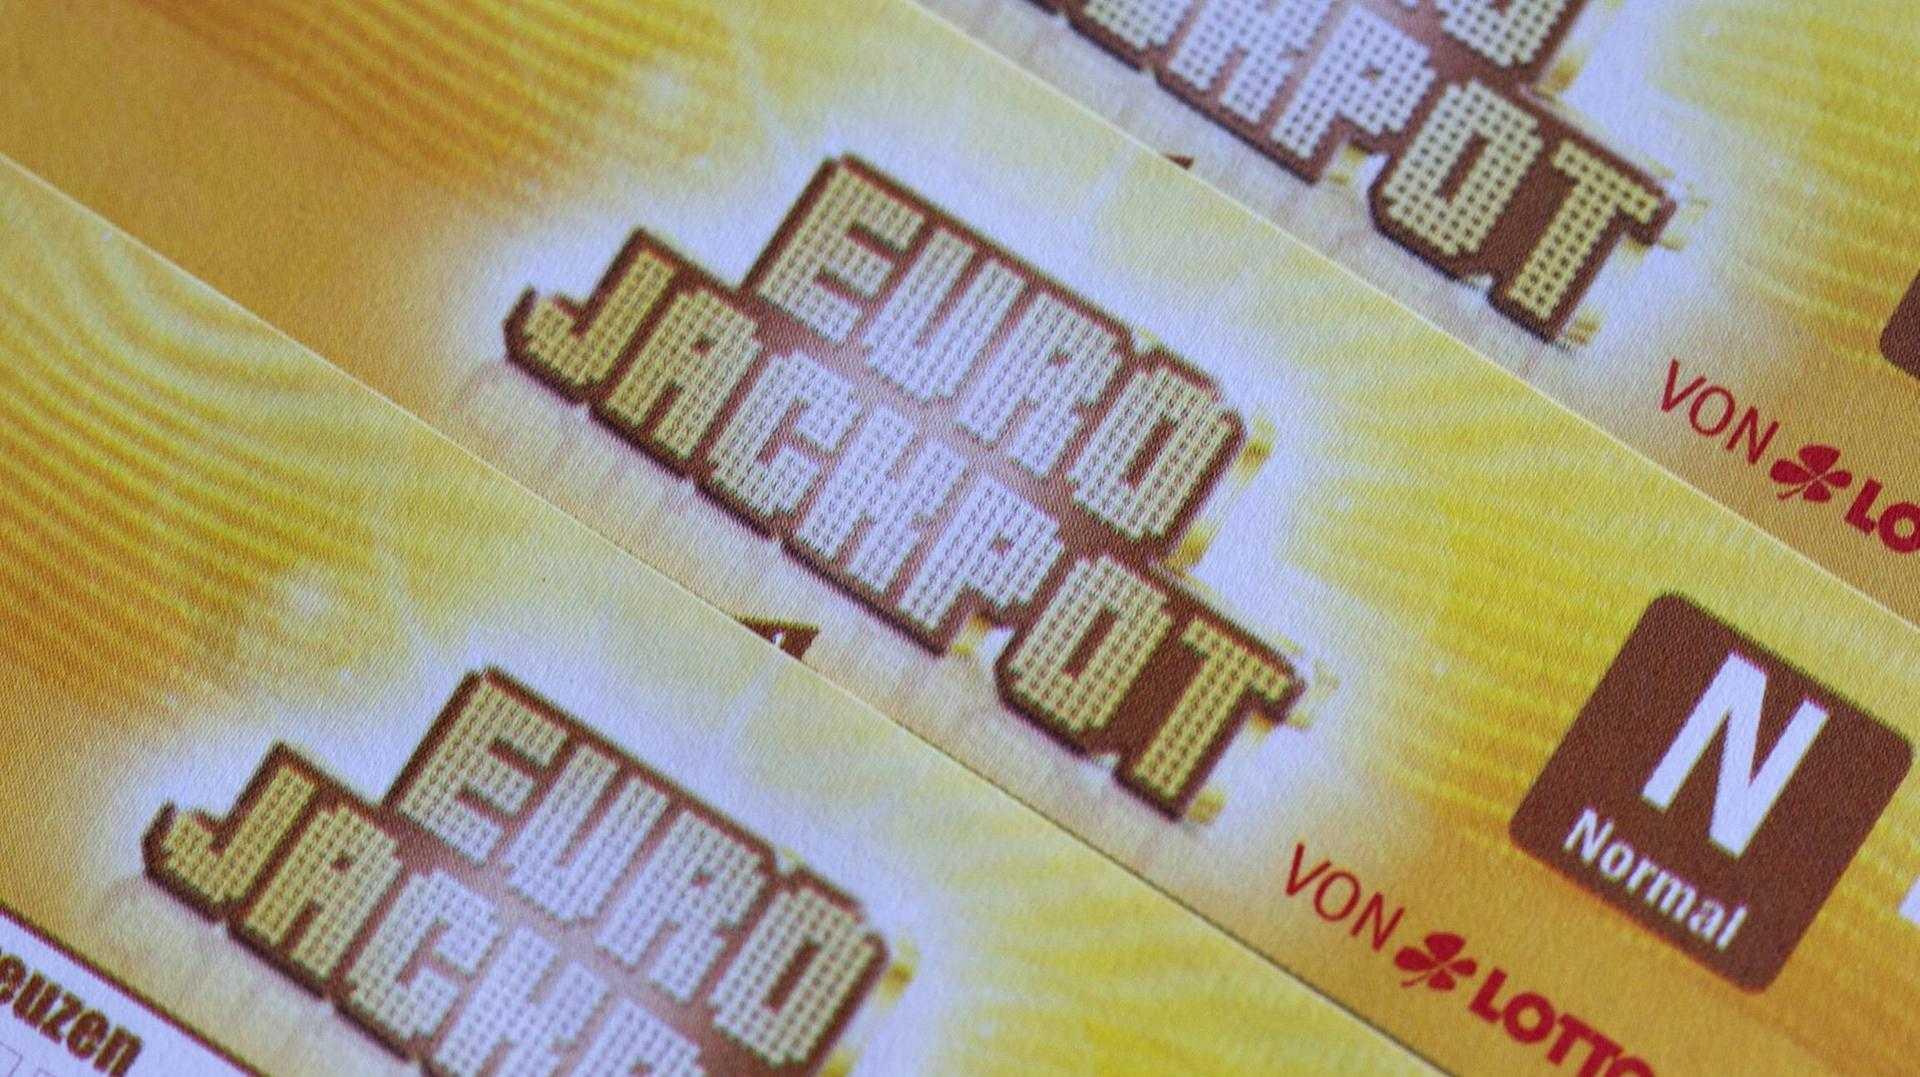 يانصيب Eurojackpot - كيف تلعب من روسيا? | عالم اليانصيب